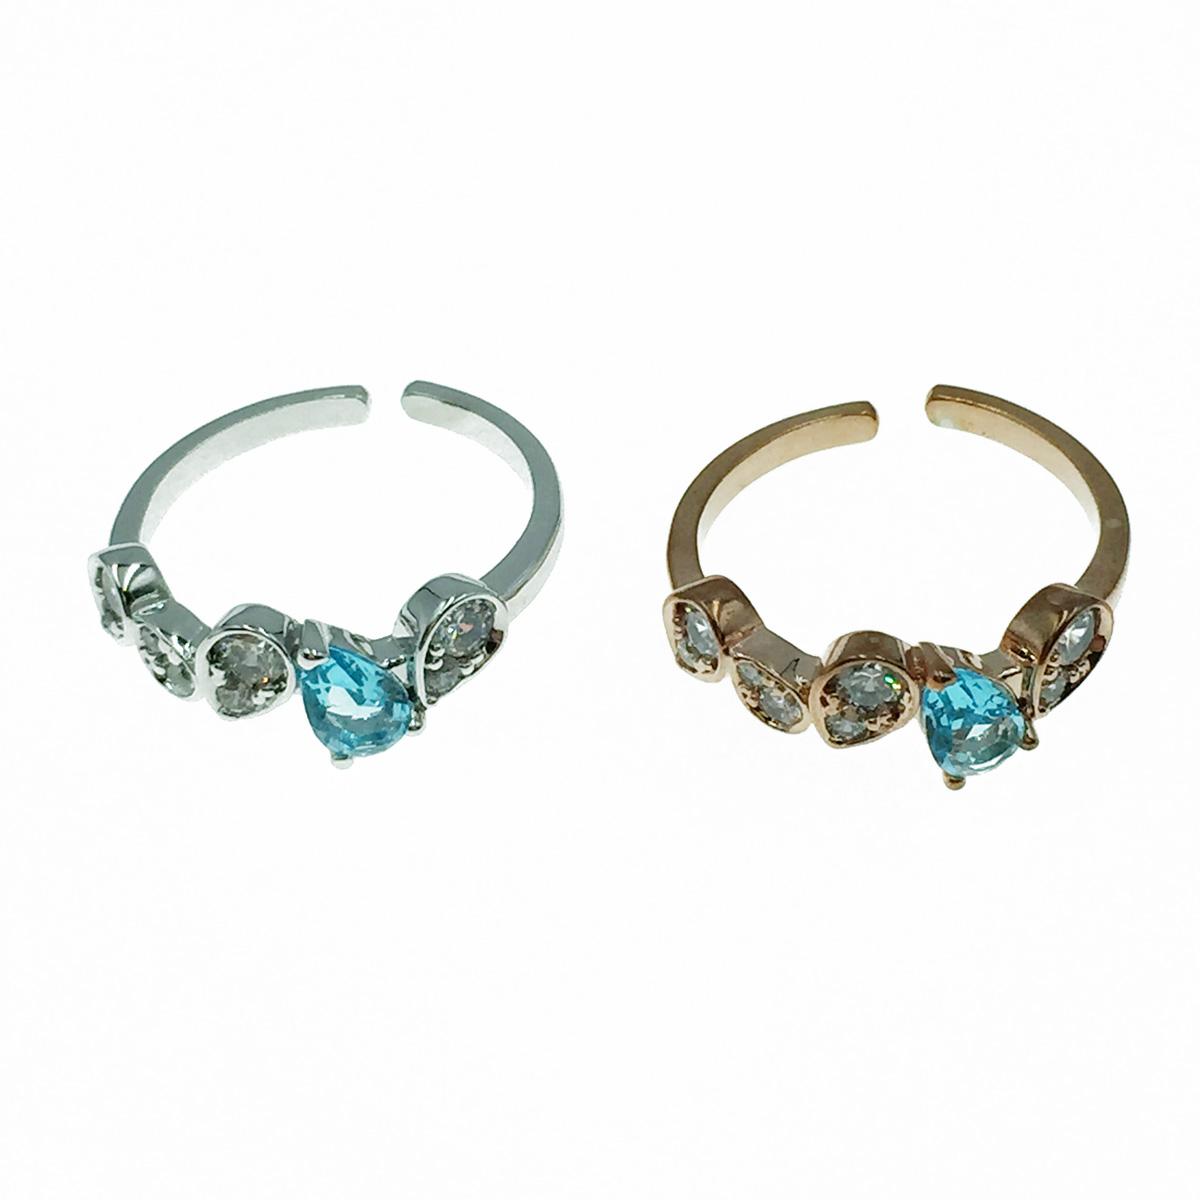 韓國 藍鑽 明星款飾品 可調式 戒指